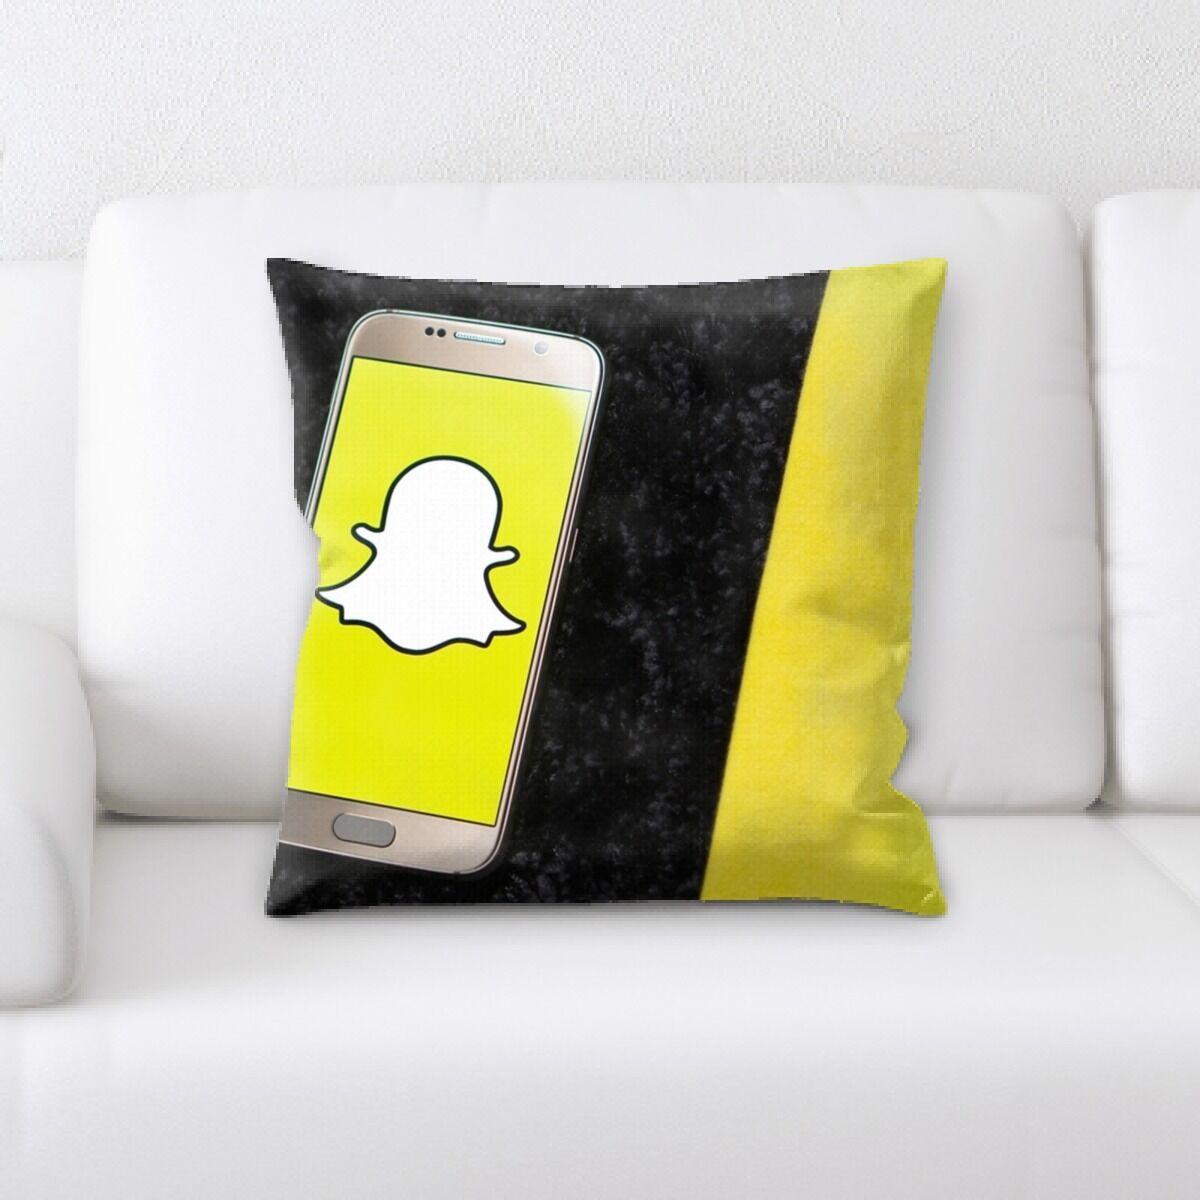 Tang Snapchat (3) Throw Pillow